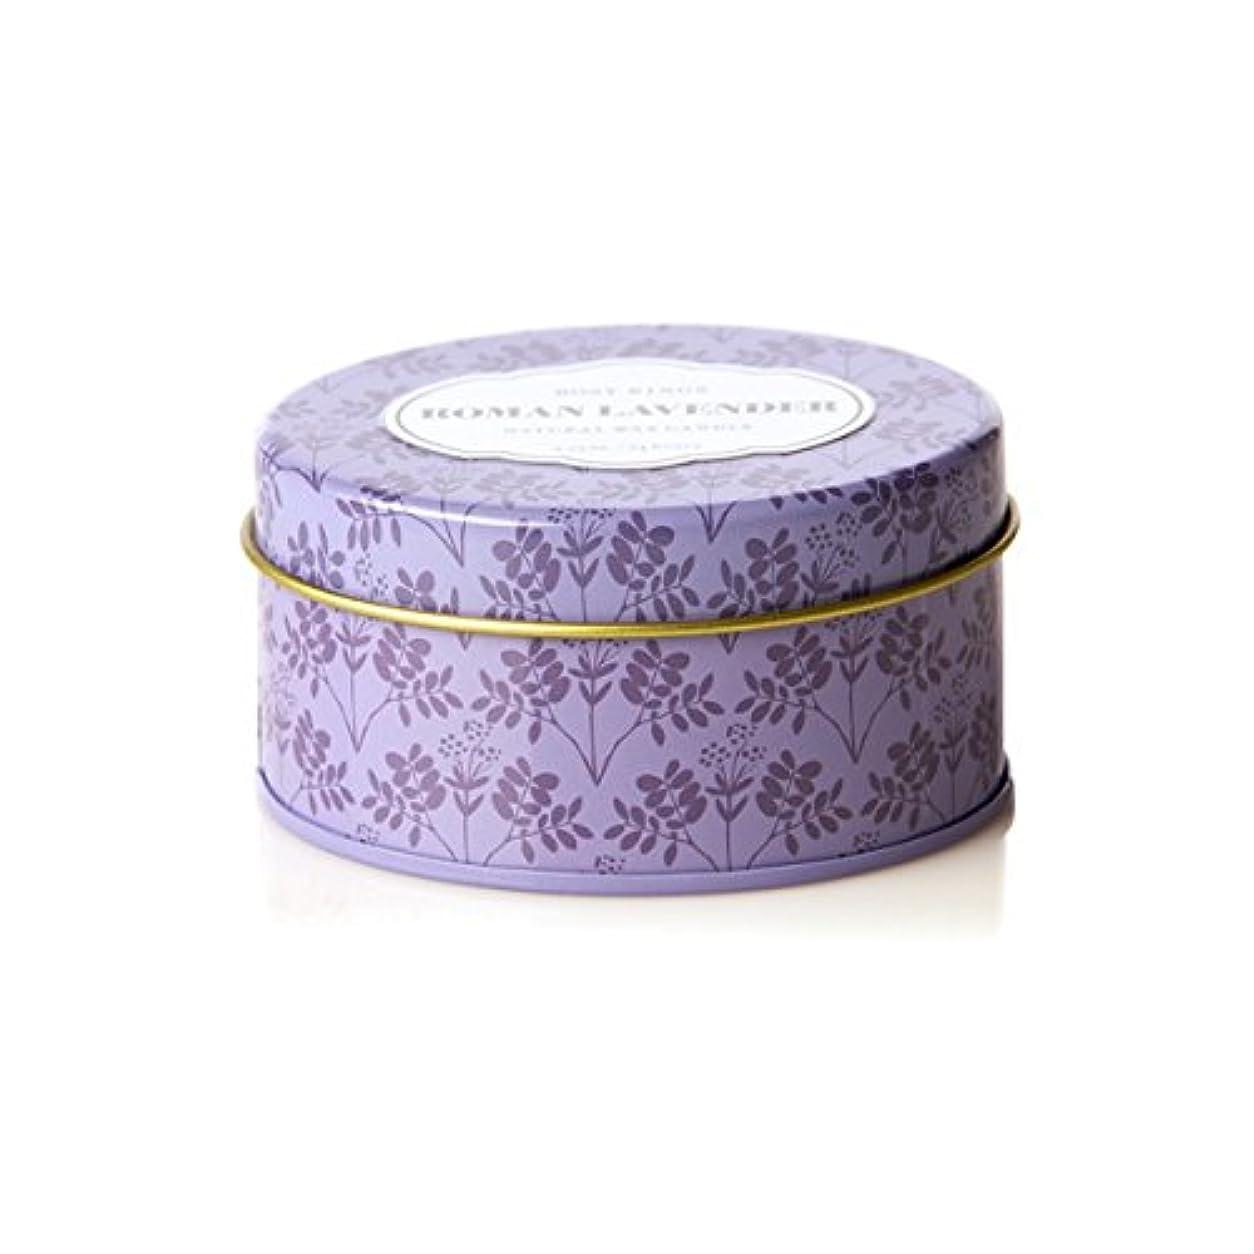 保証金偽装するラベンダーロージーリングス トラベルティンキャンドル ロマンラベンダー ROSY RINGS Roman Lavender Travel Tin